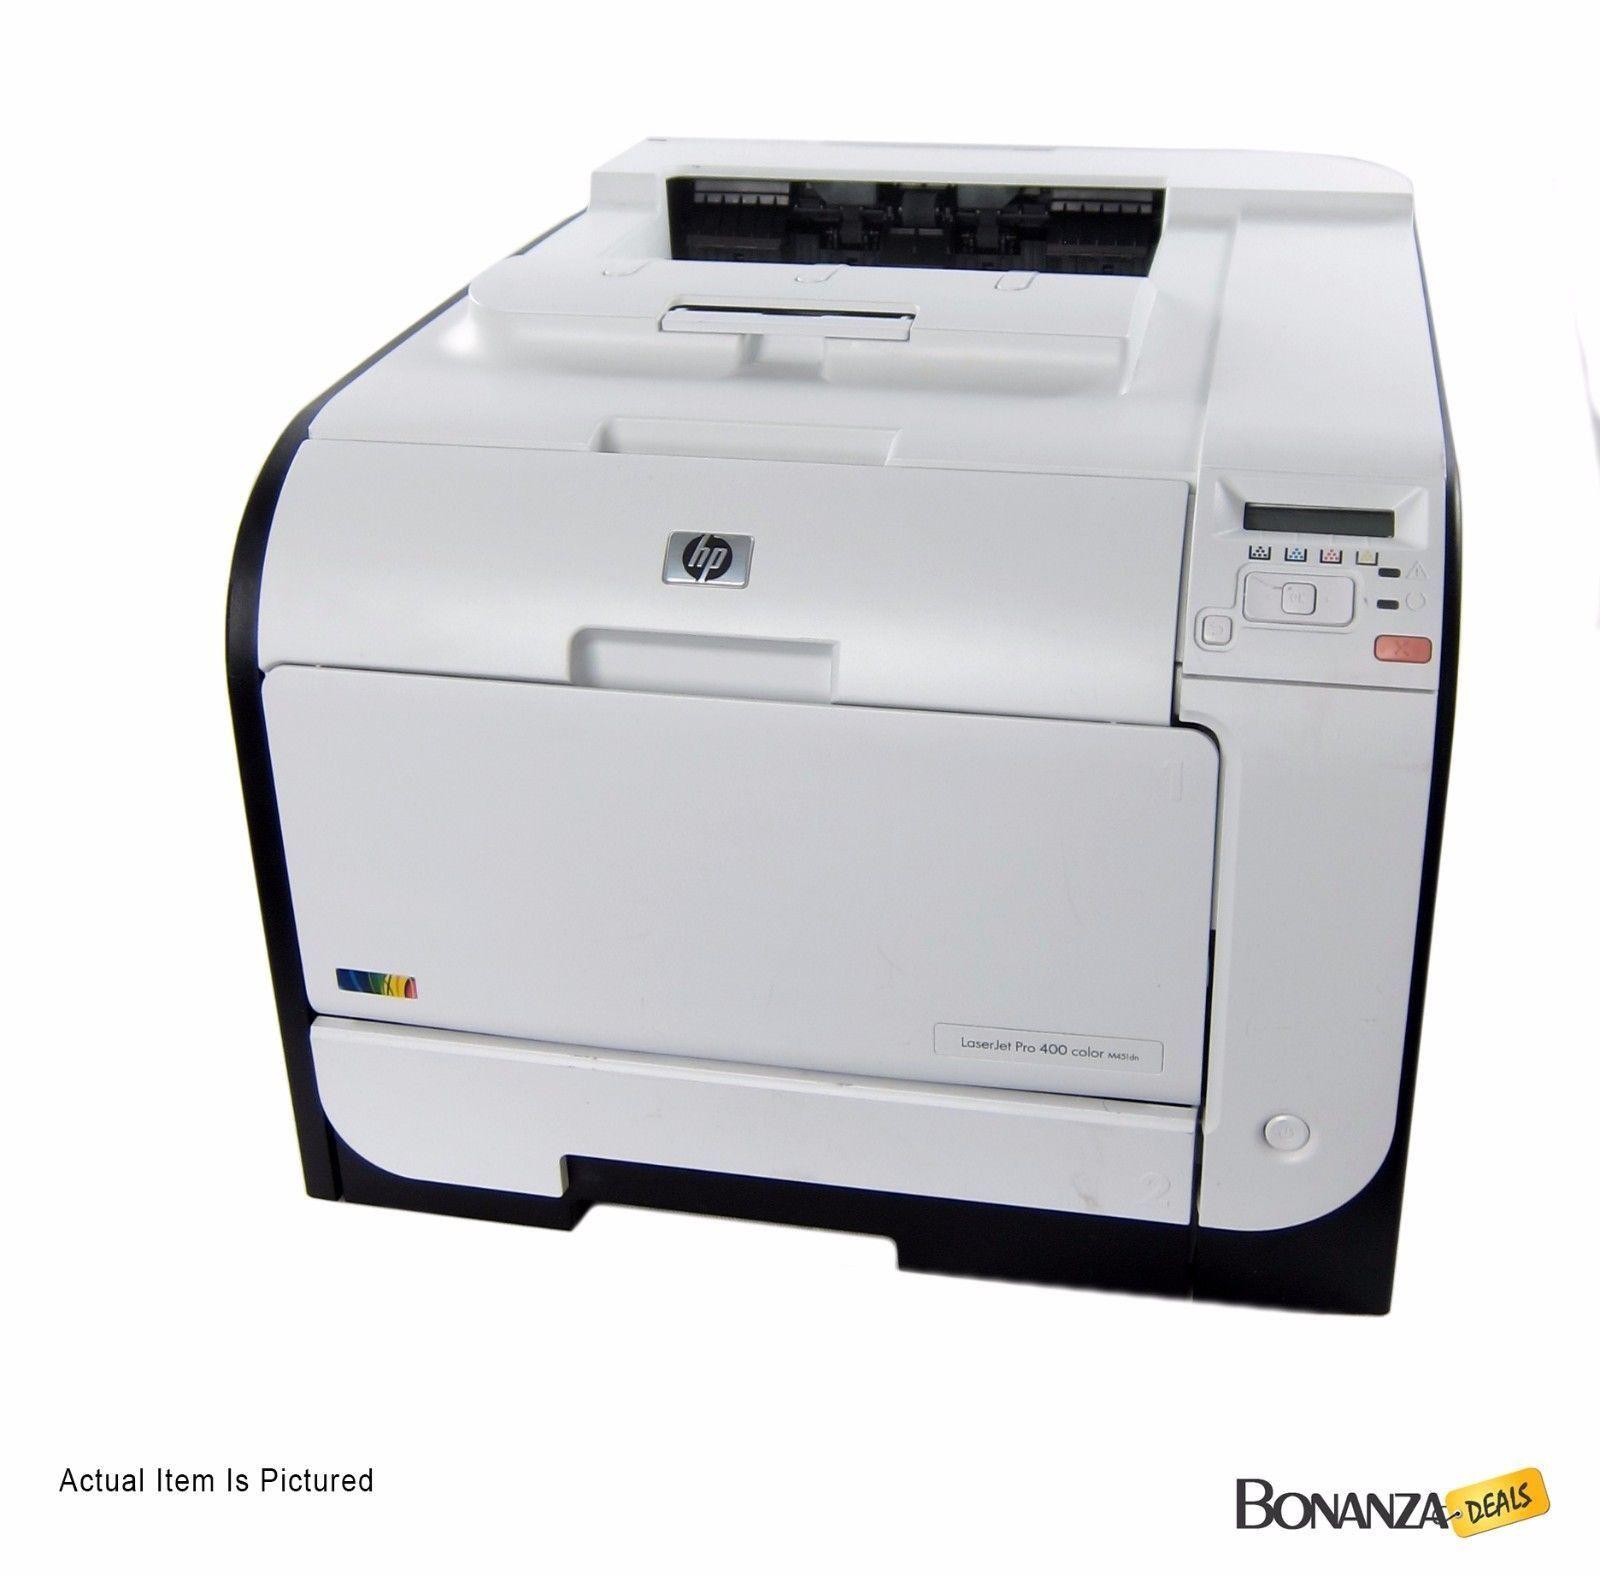 Hp M451dn Laserjet Pro 400 Color Laser Printer Duplex 24k Pages Ce957a Laser Printer Printer Color